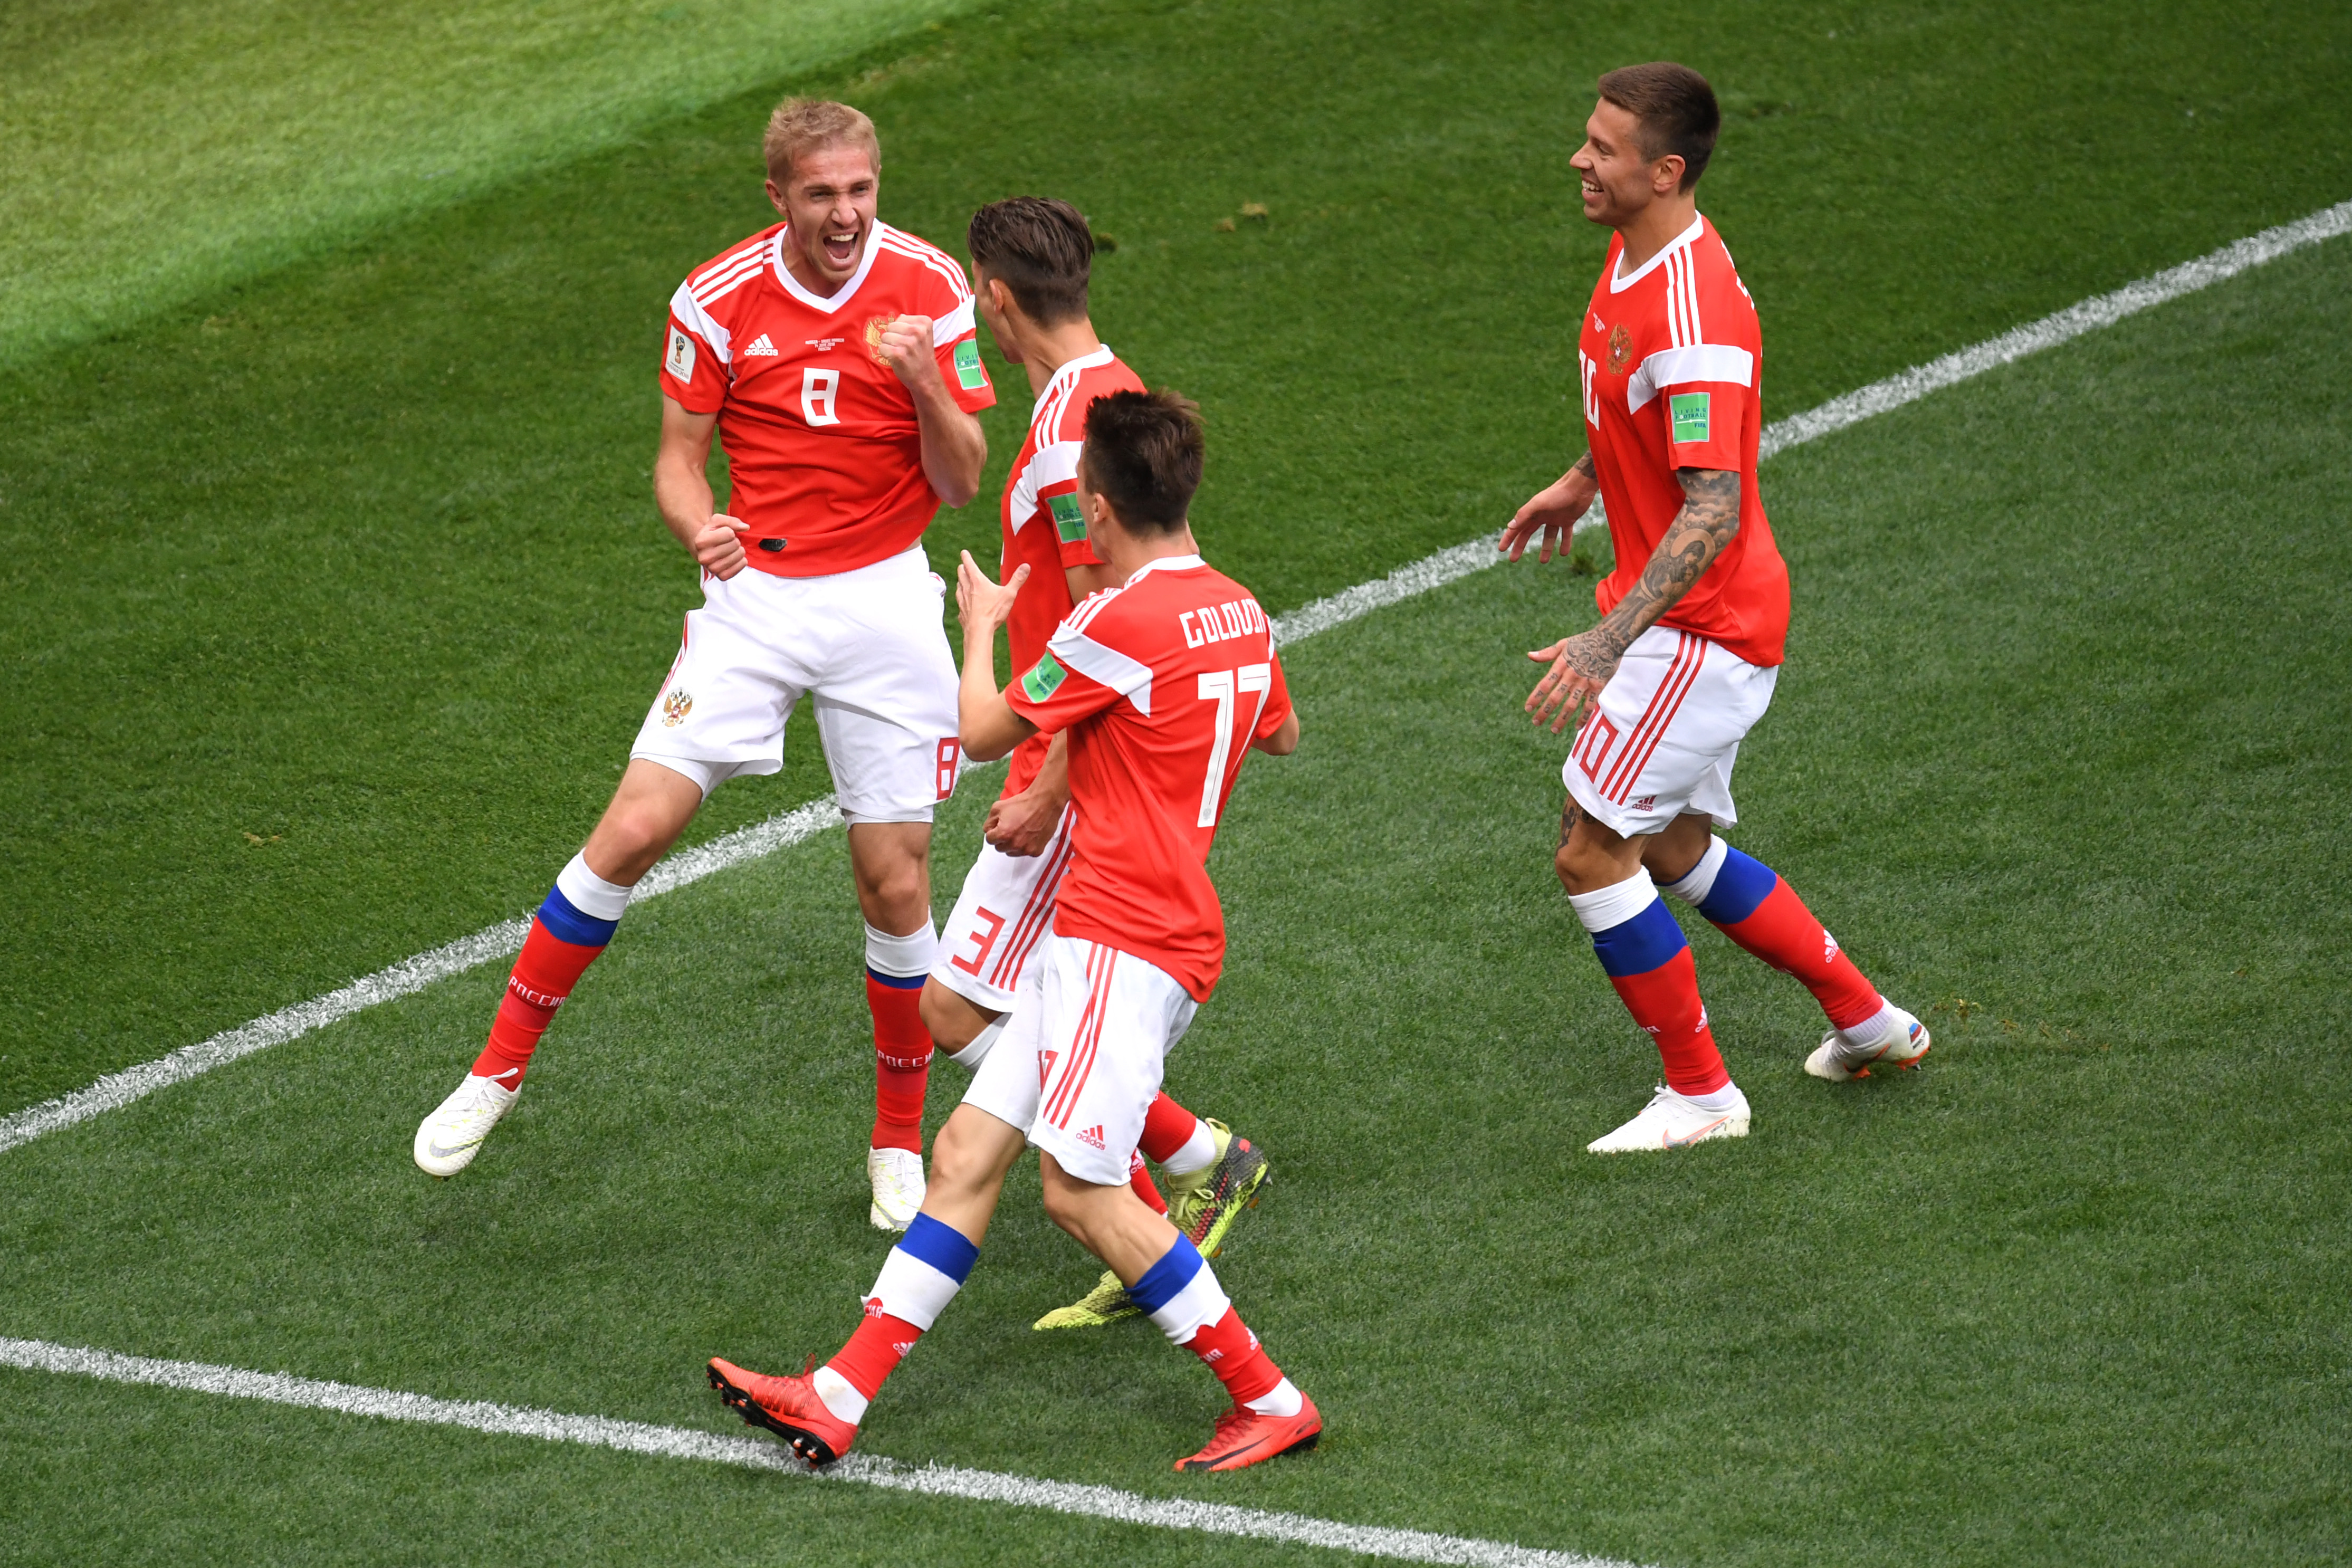 جام جهانی - روسیه و عربستان